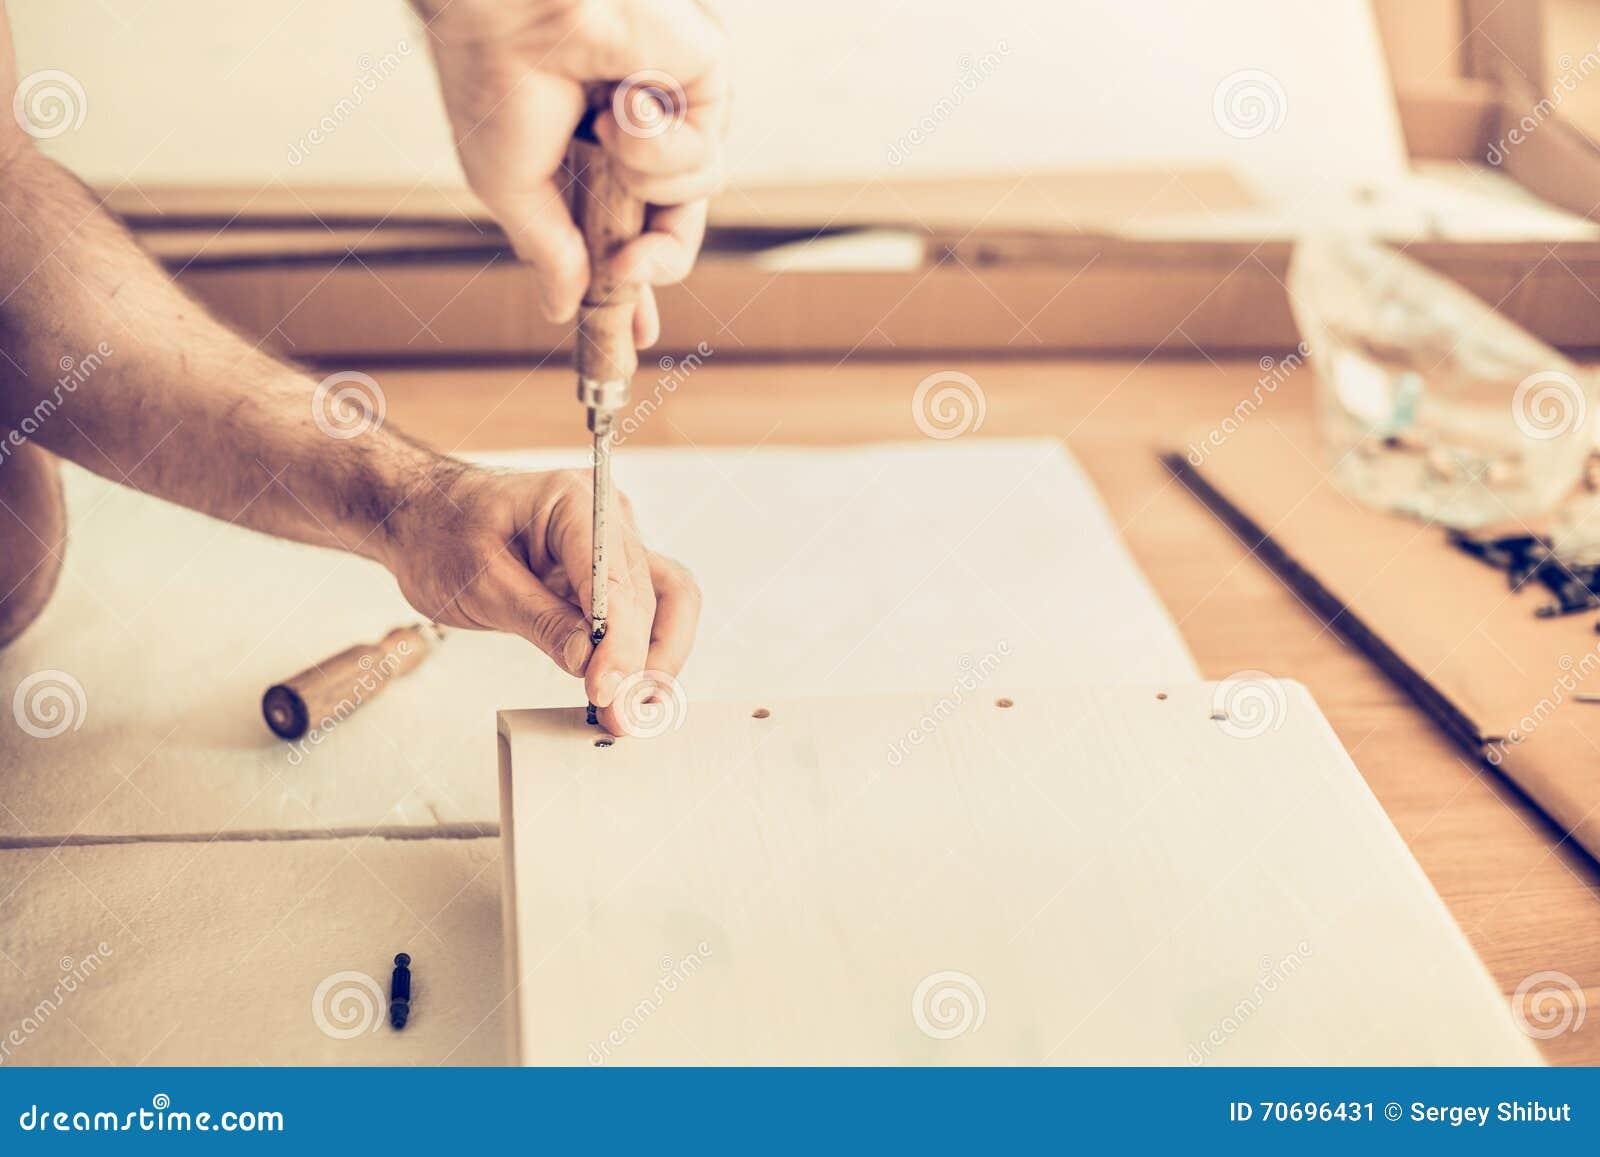 Человек собирает шкаф, переплетает винты шлицы, собрание мебели